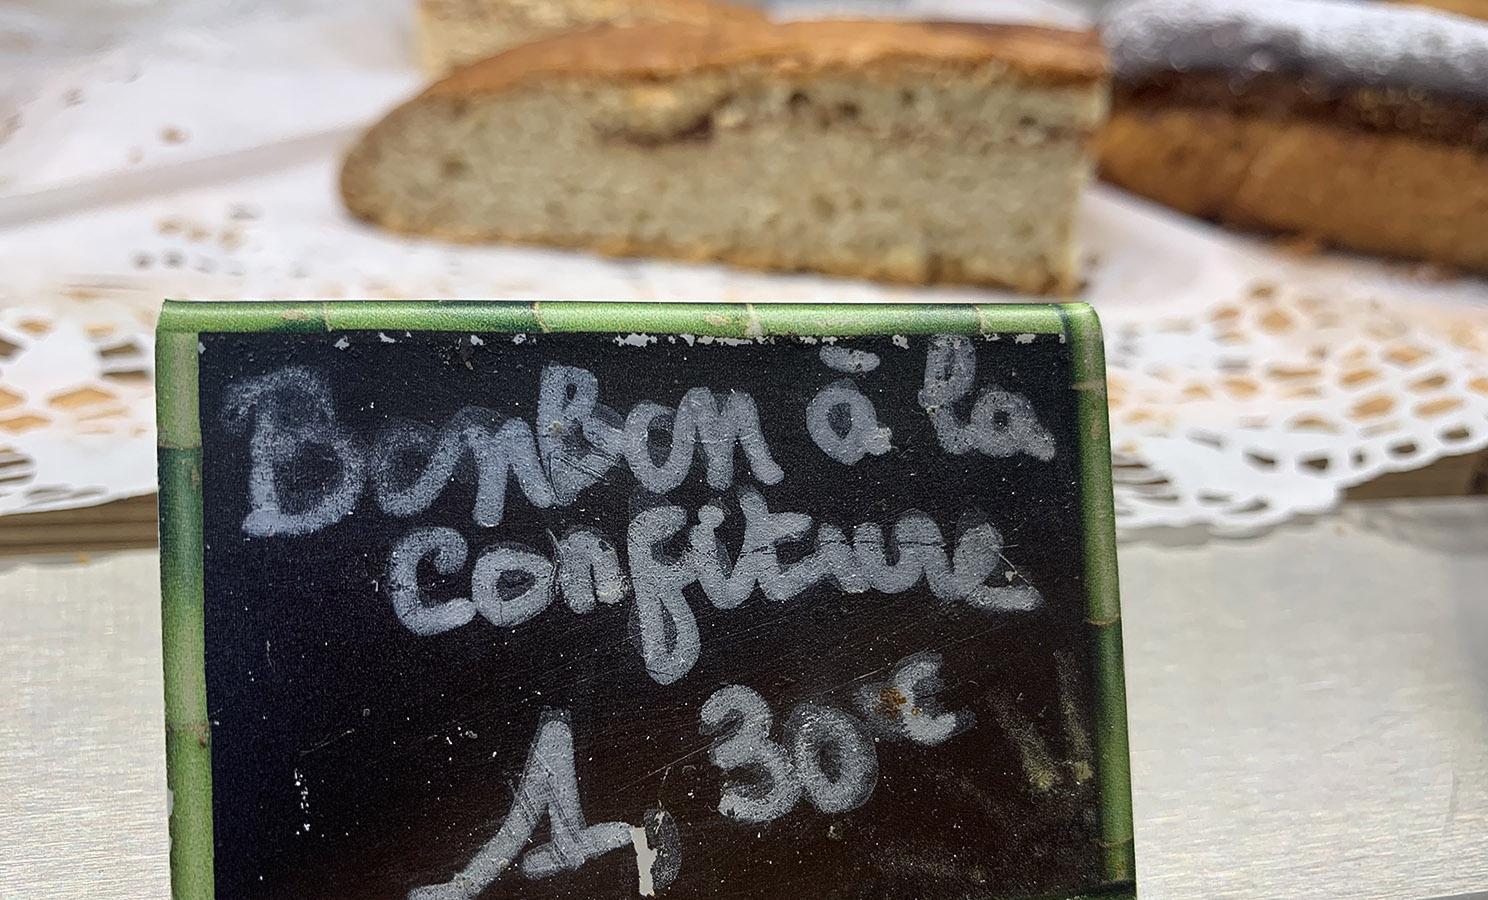 """Marie-Galante: """"Bonbons"""" sind keine Lutscher, sondern Blechkuchen. Foto: Hilke Maunder"""